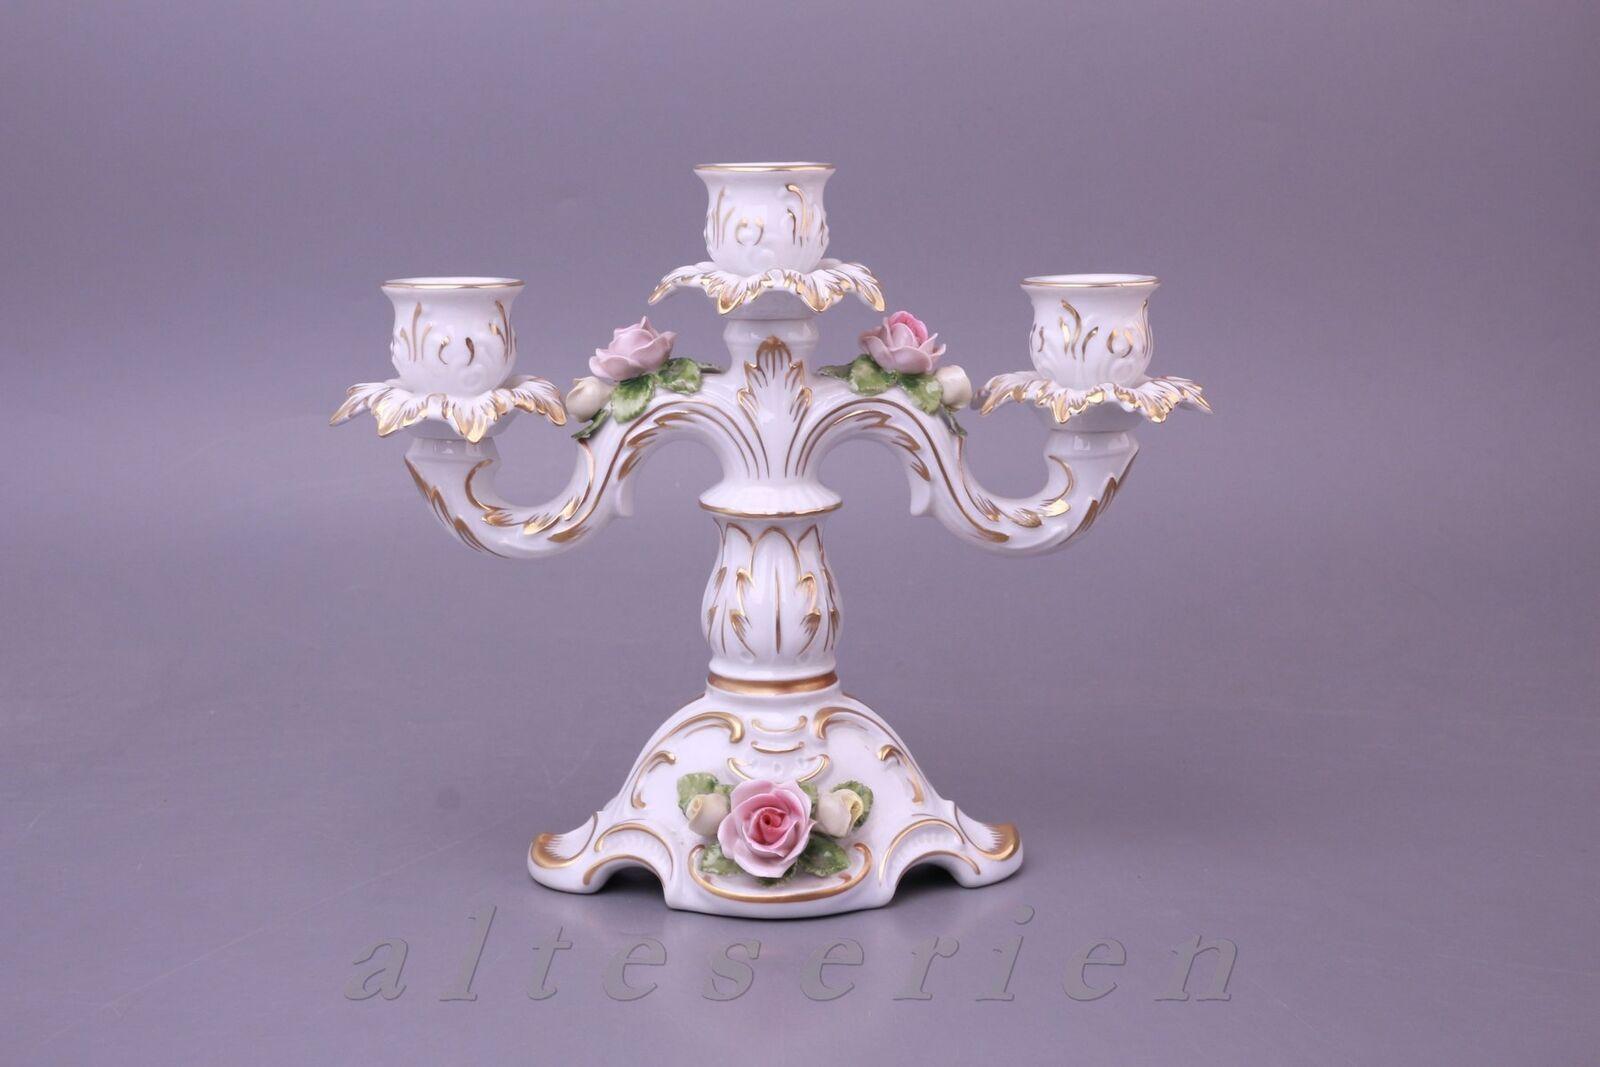 CANDELE in H 20 cm 3 BRACCI rosanapplikati... Imperatore ornamenti portacandele